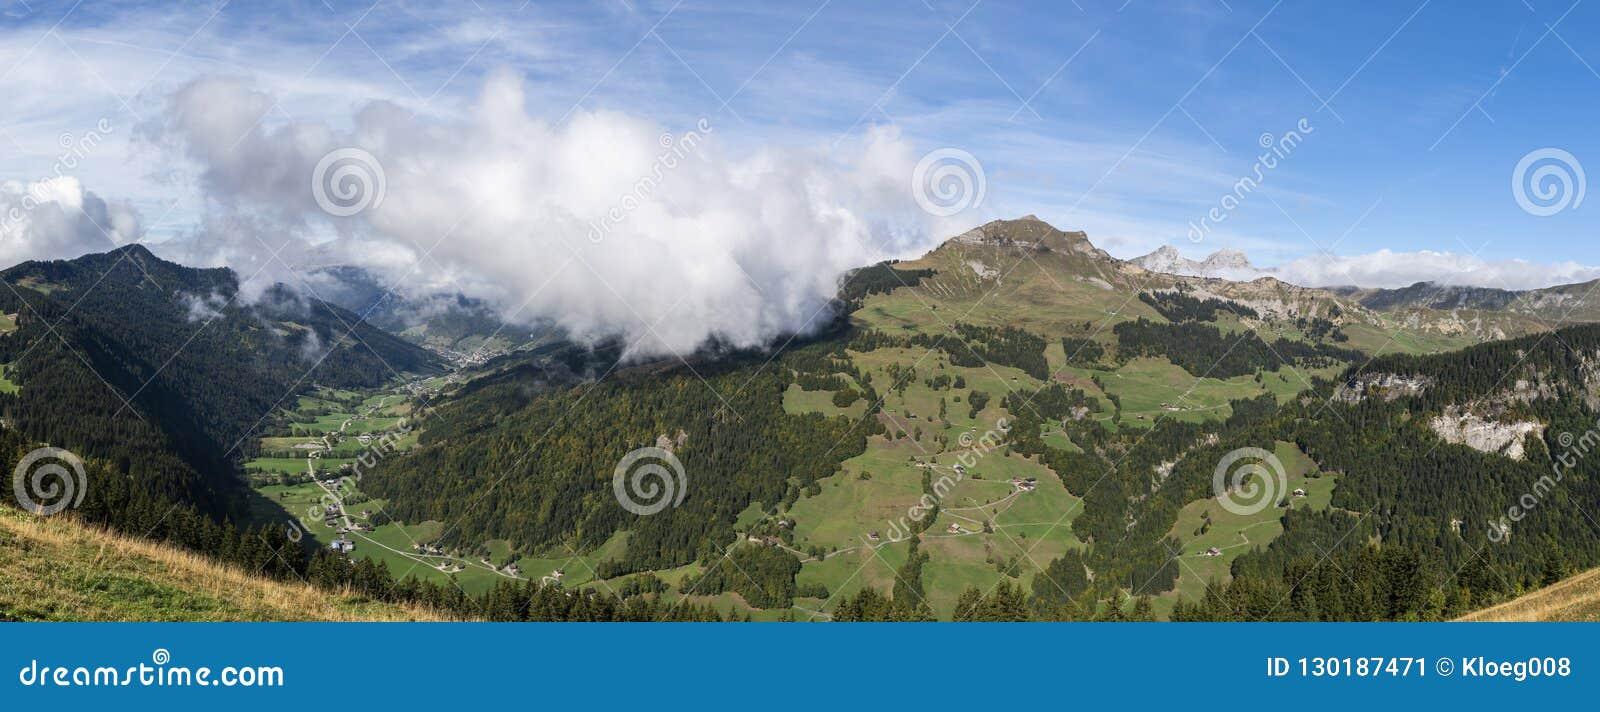 Valley Le Grand Bornand